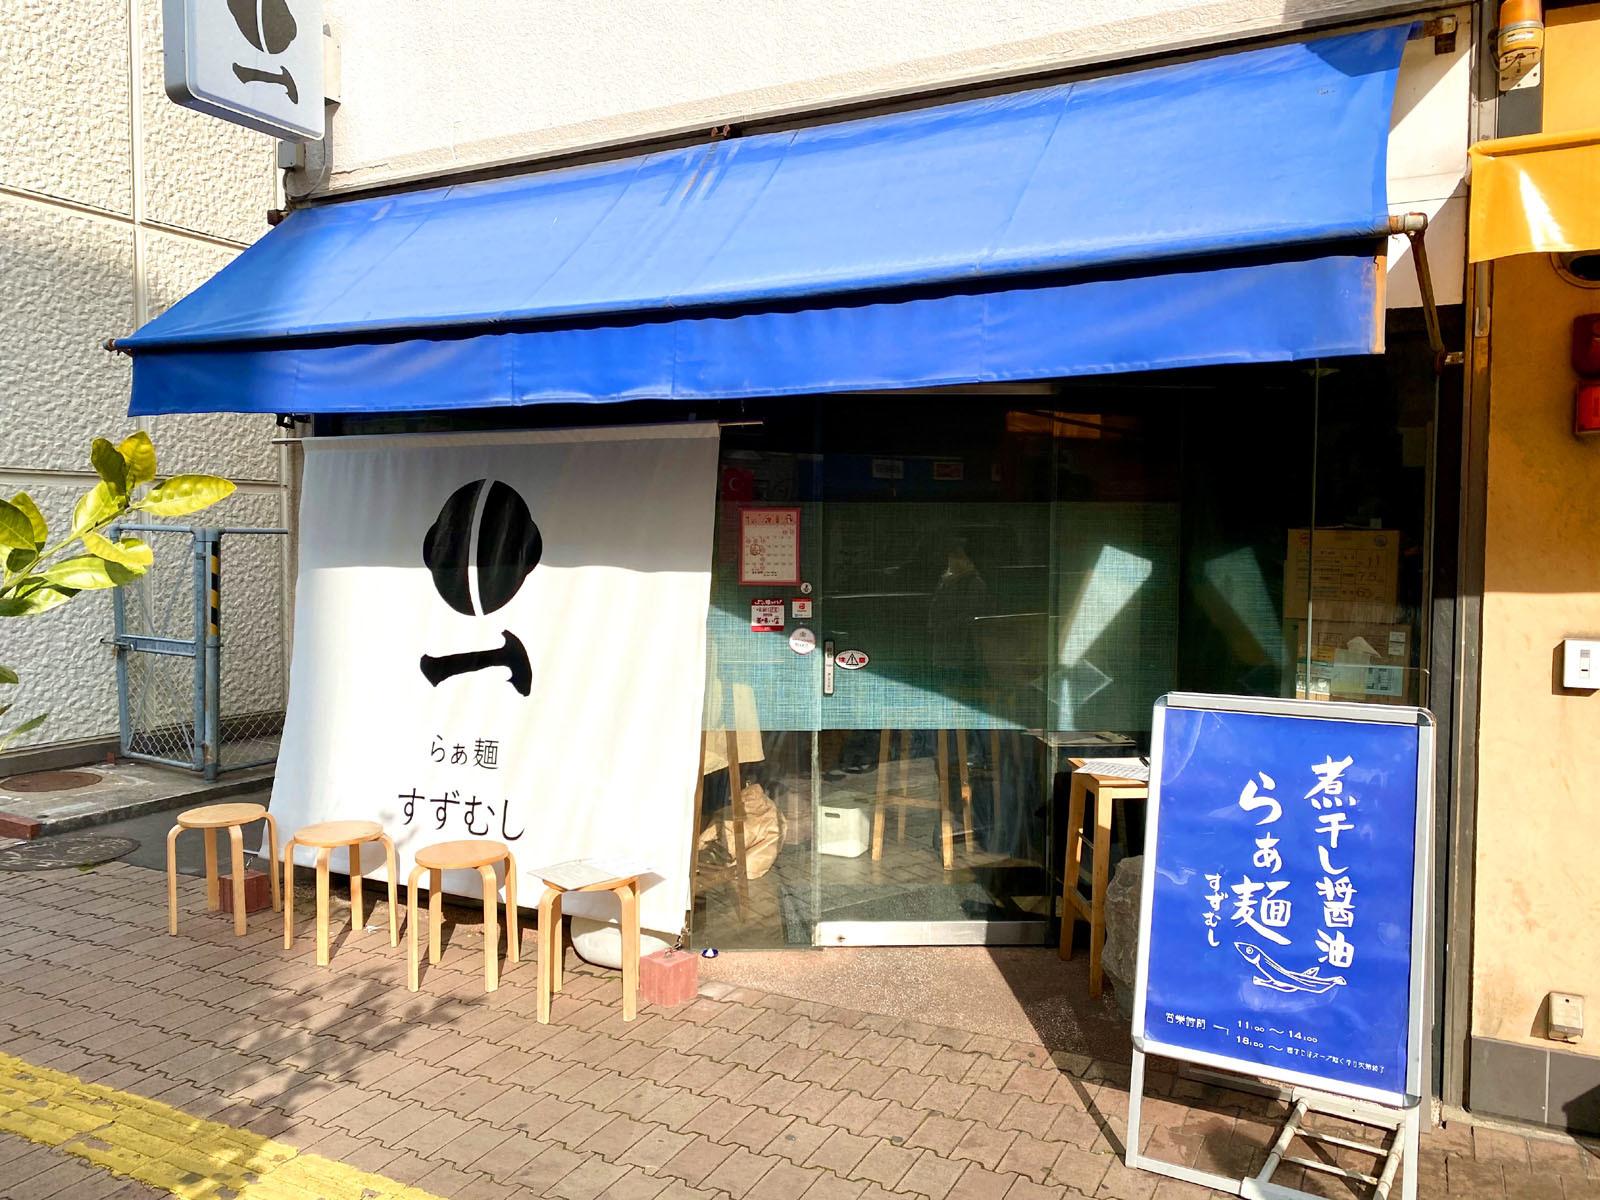 らぁ麺すずむし01 リニューアル後の店舗